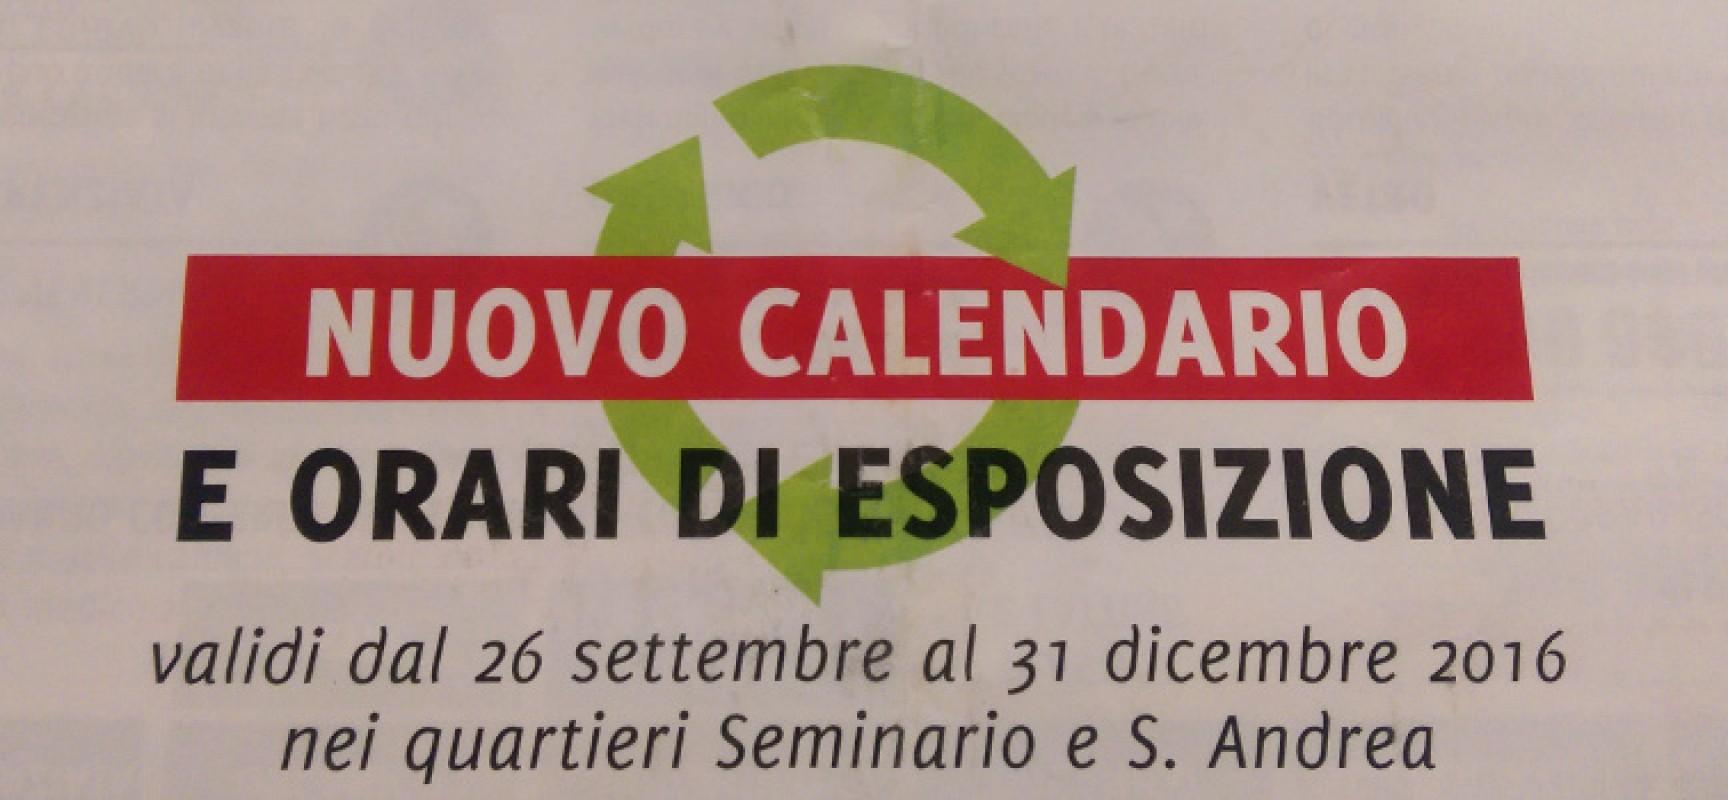 In Un Quartiere Di Una Citta Il Calendario Della Raccolta Differenziata.Raccolta Differenziata Porta A Porta Nuovo Calendario E